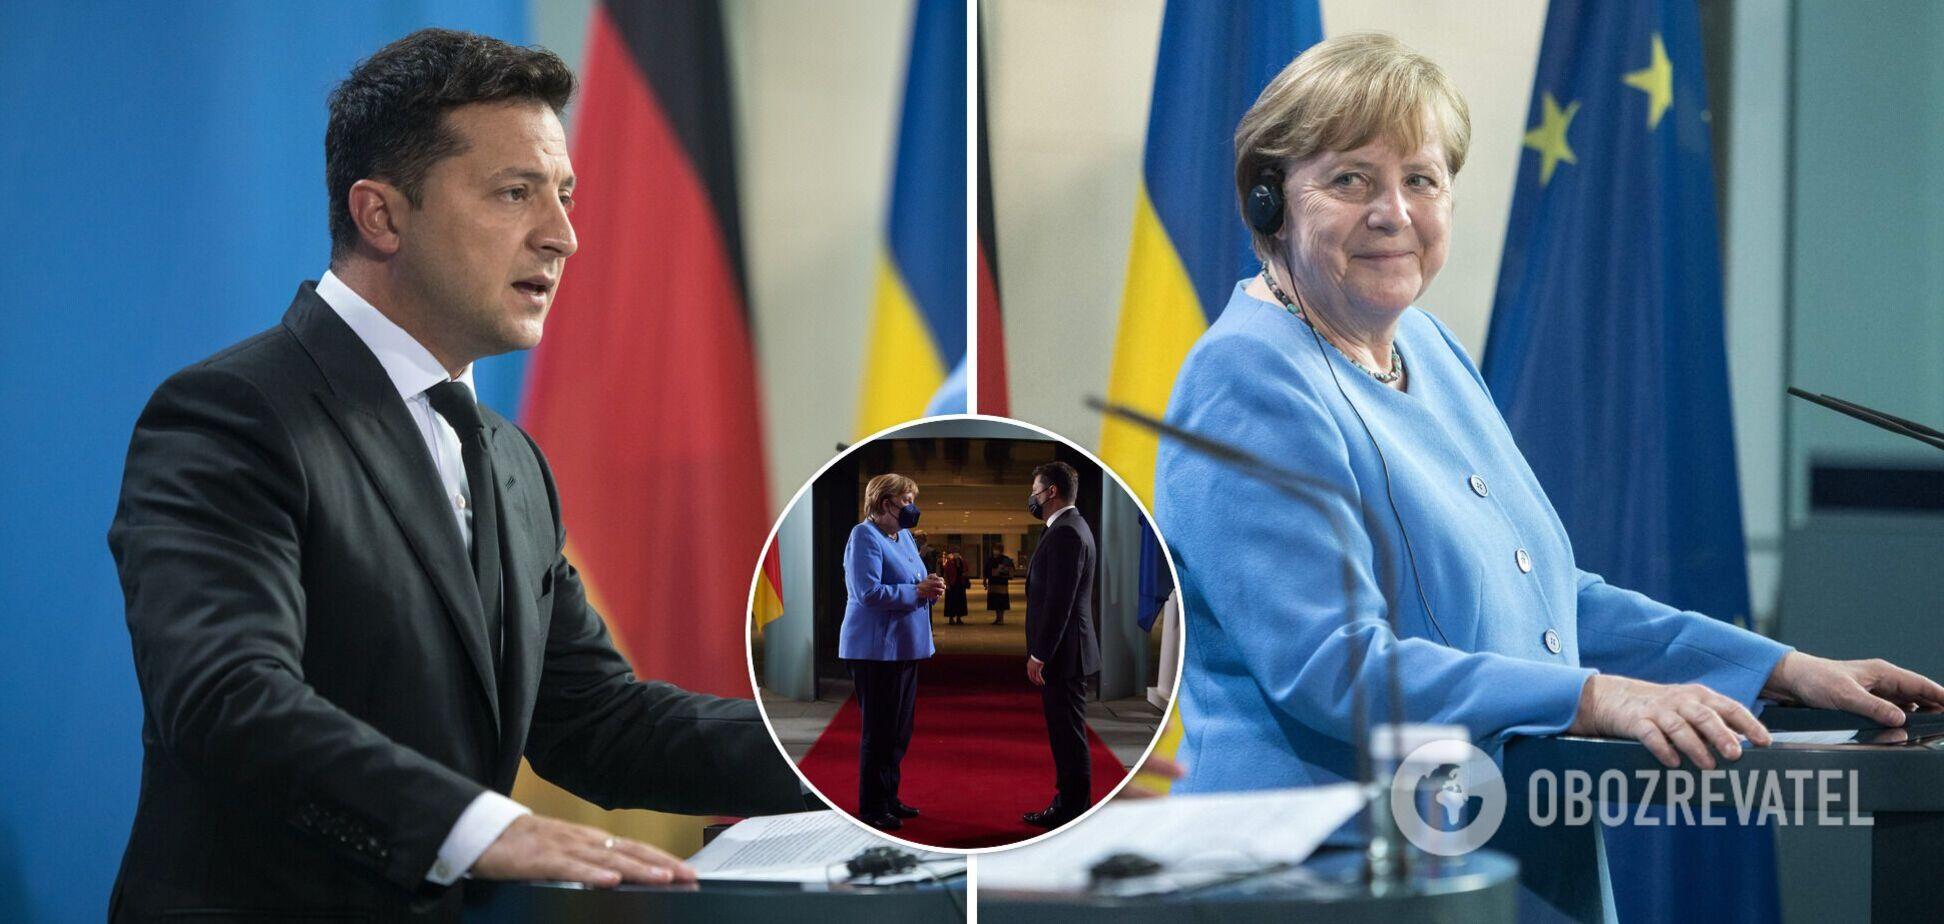 Зеленский рассказал о договоренностях, достигнутых на переговорах с Меркель. Видео